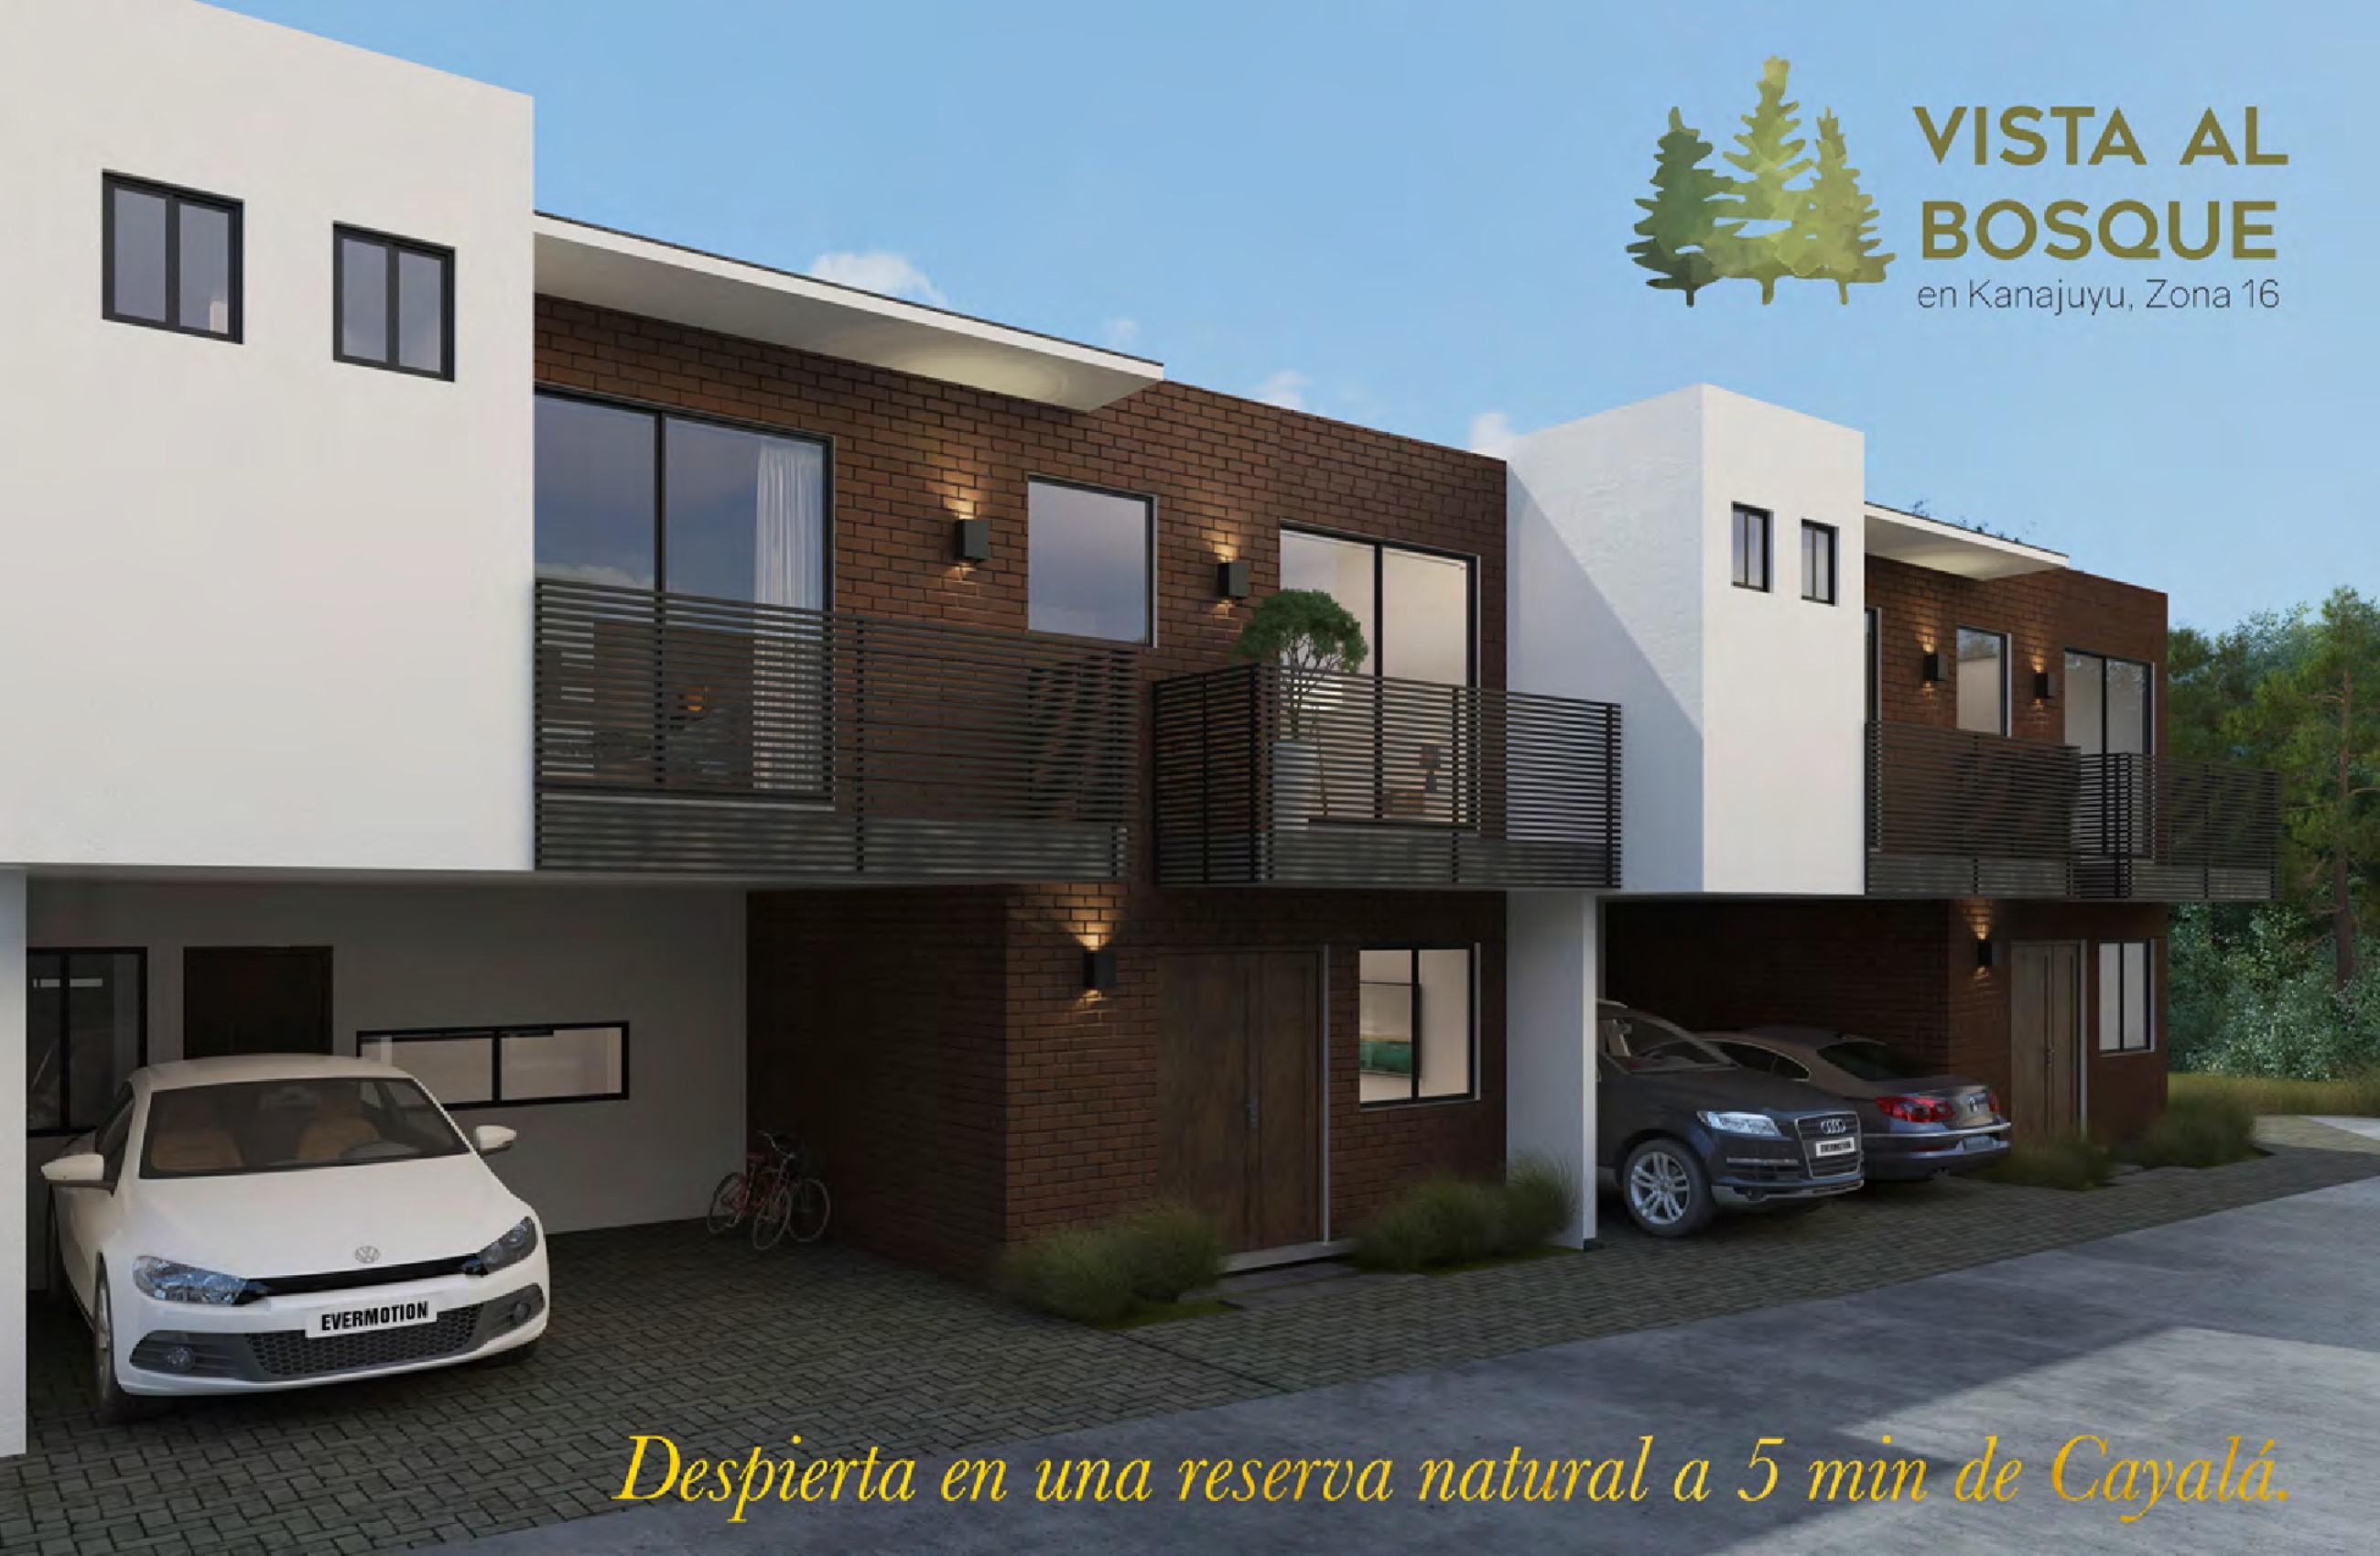 Vendo Hermosas casas en Residencial Vista Al Bosque, últimas unidades!